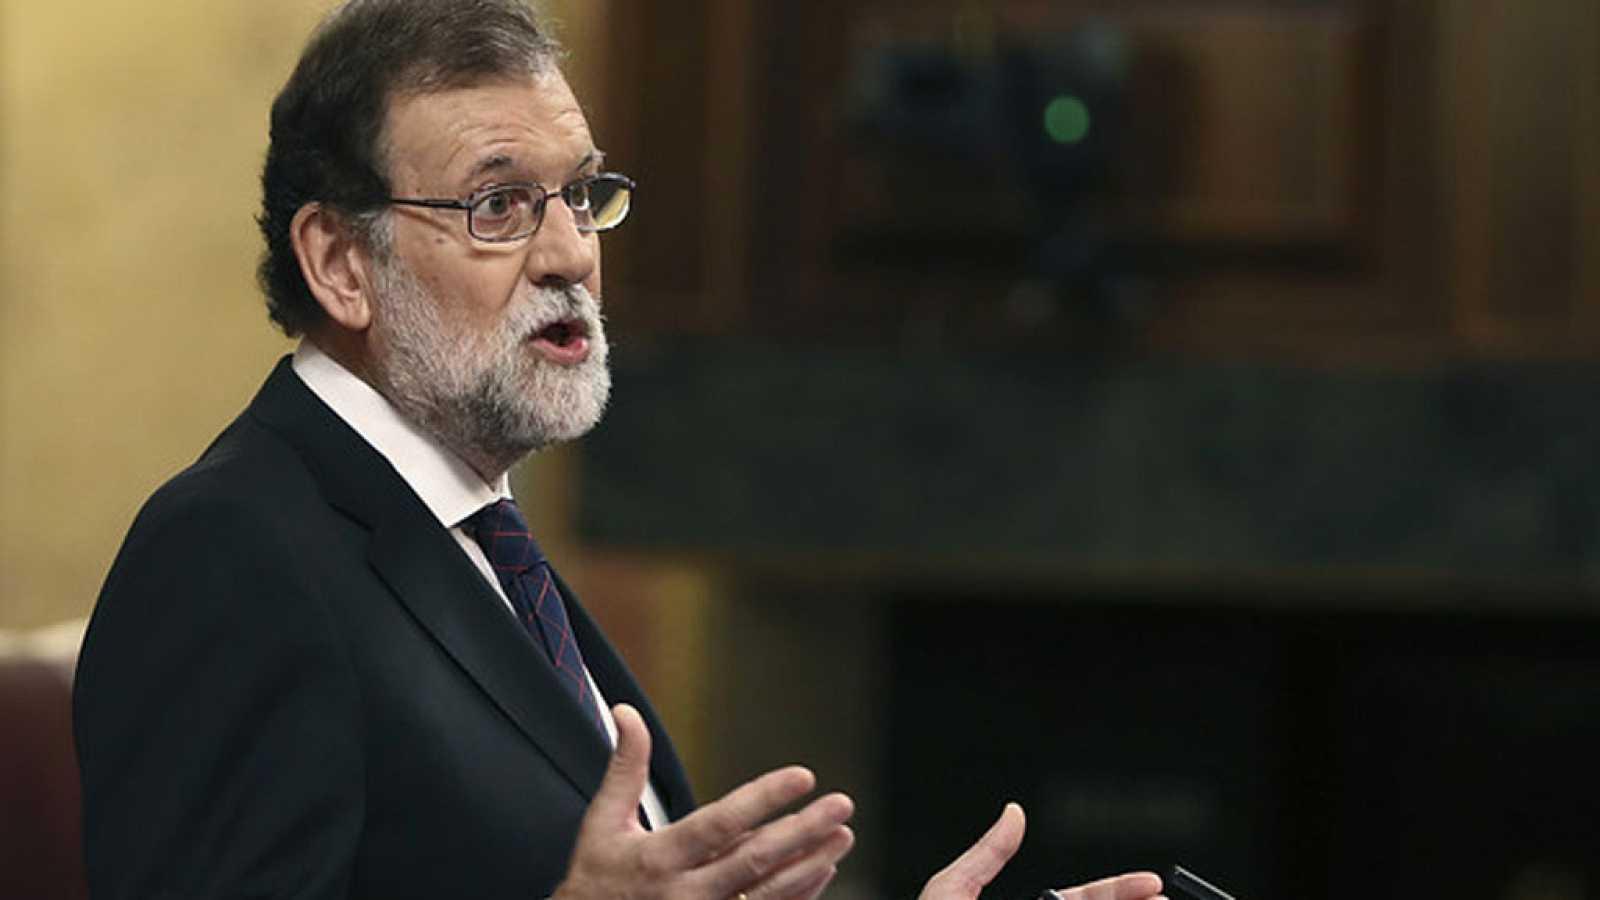 Mariano Rajoy defiende su gestión y reta a la oposición a presentar otra moción de censura